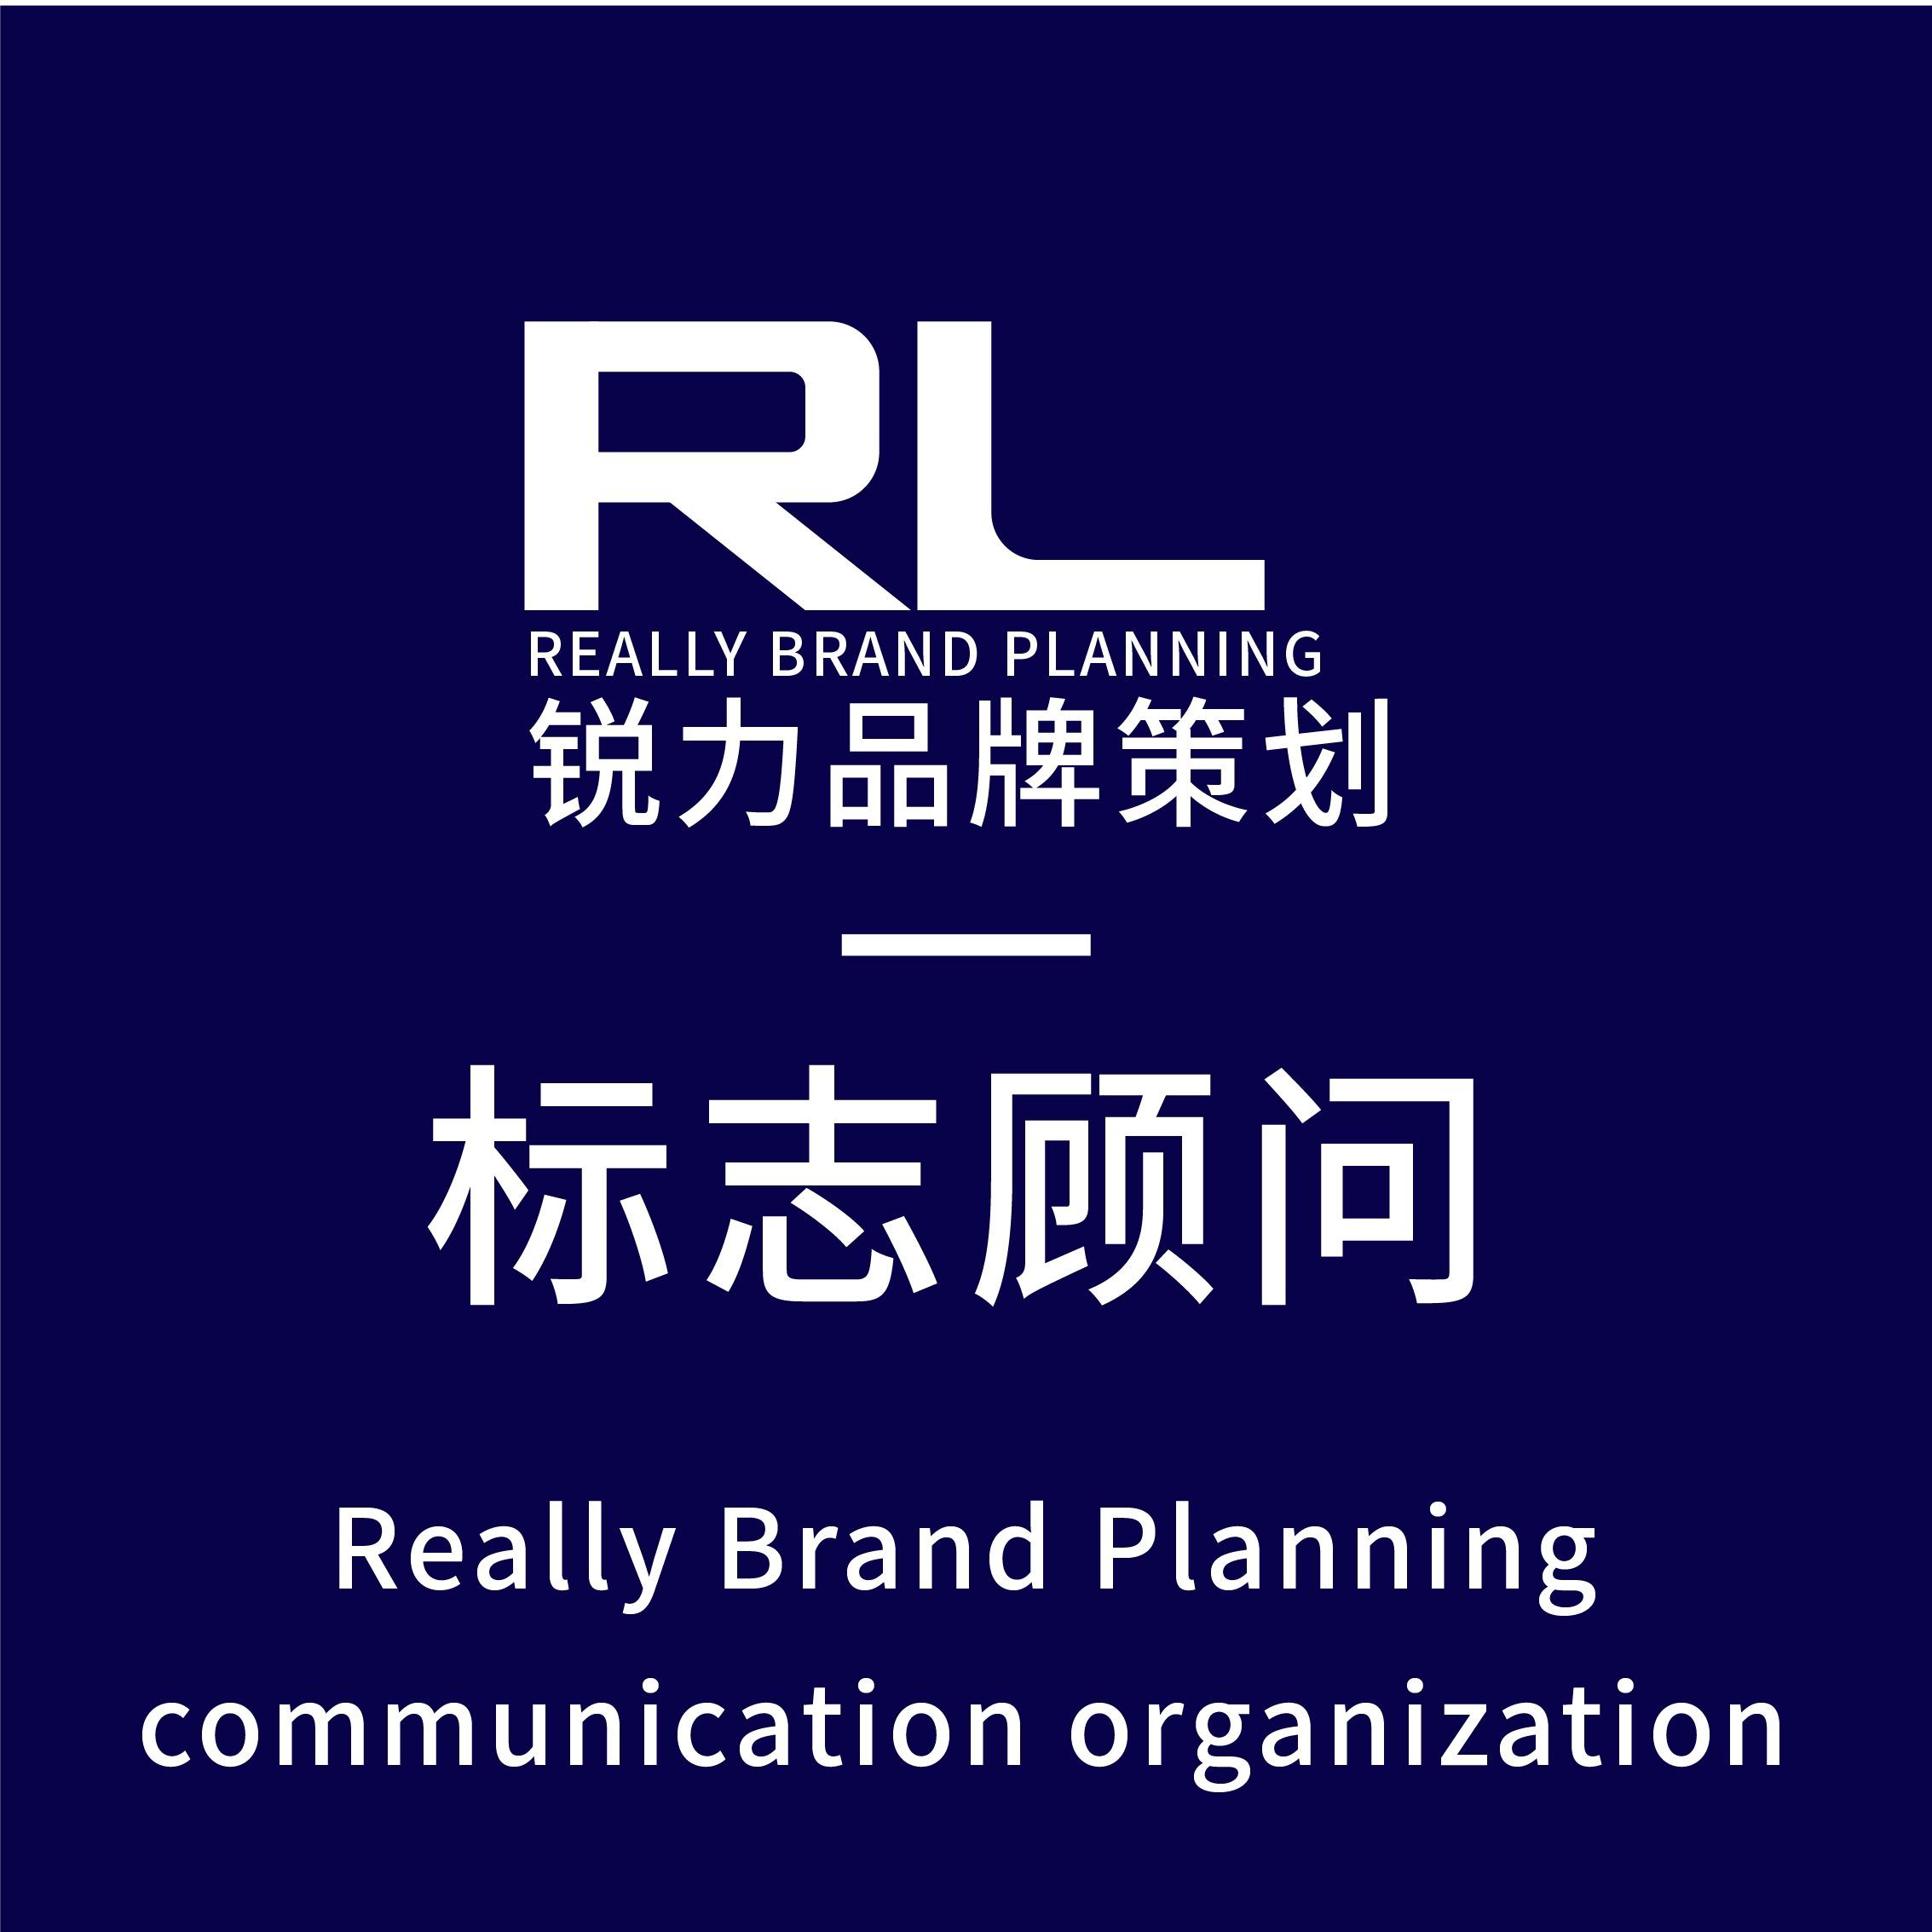 科技茶叶服装酒店LOGO英文商标设计Logo字母logo设计